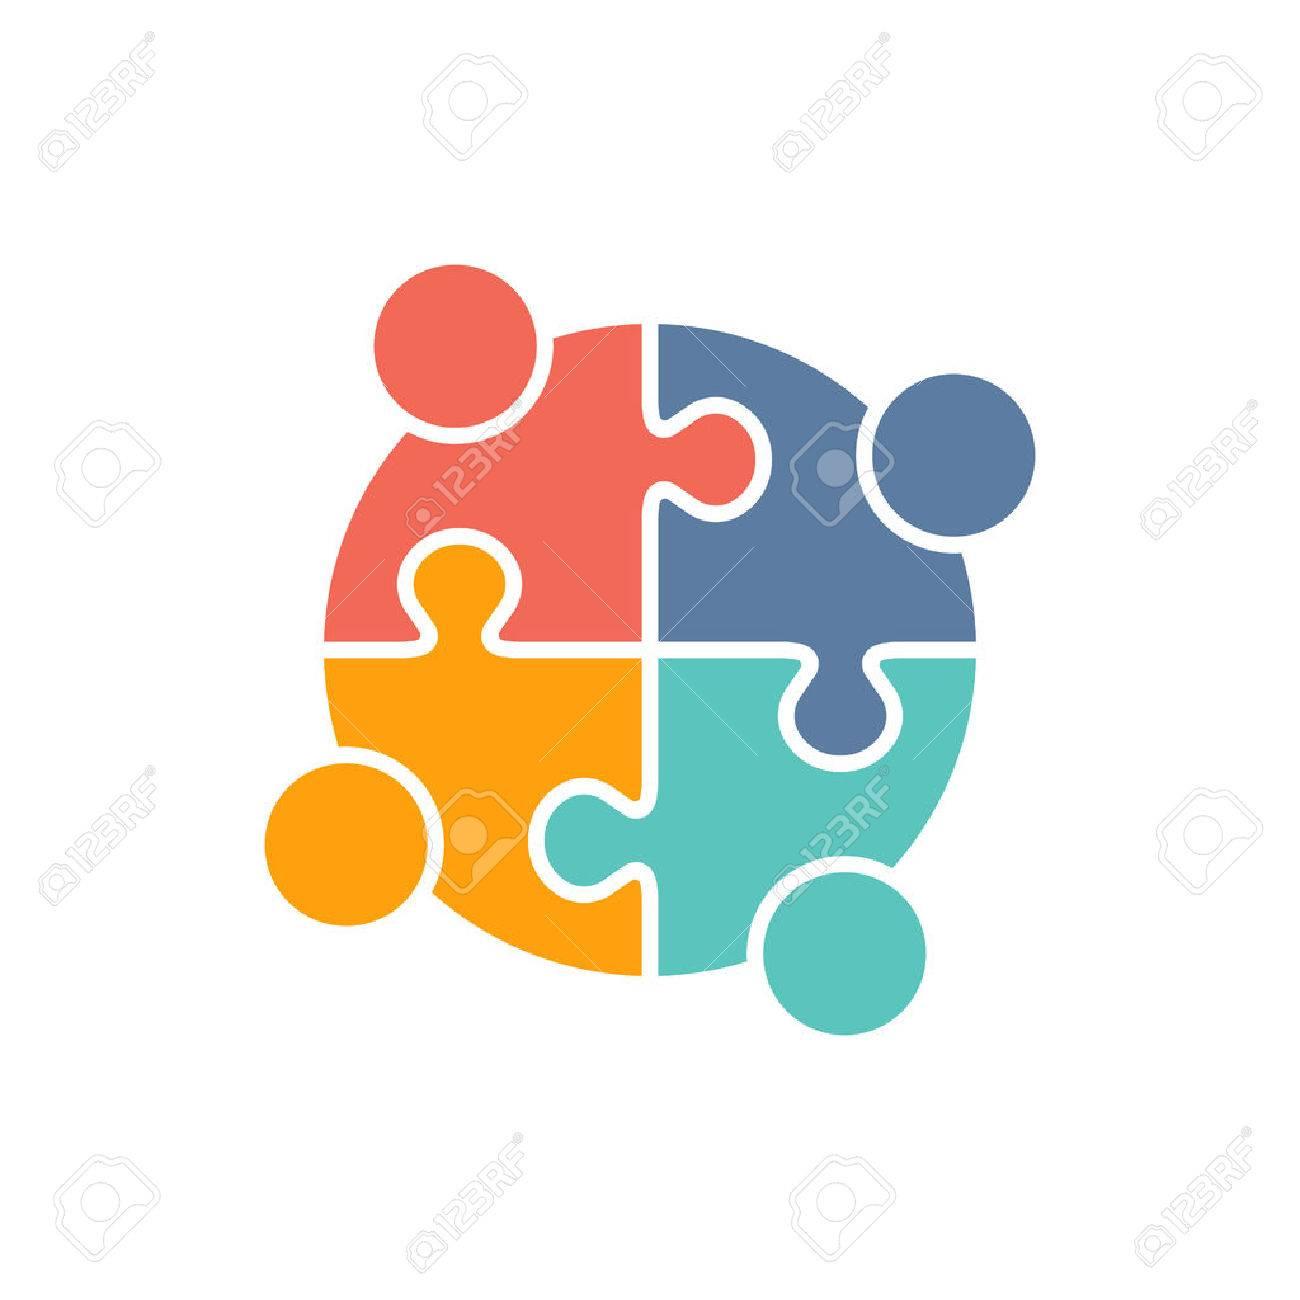 Lavoro di squadra Persone puzzle di pezzi. Vector graphic design illustrazione Archivio Fotografico - 56118810